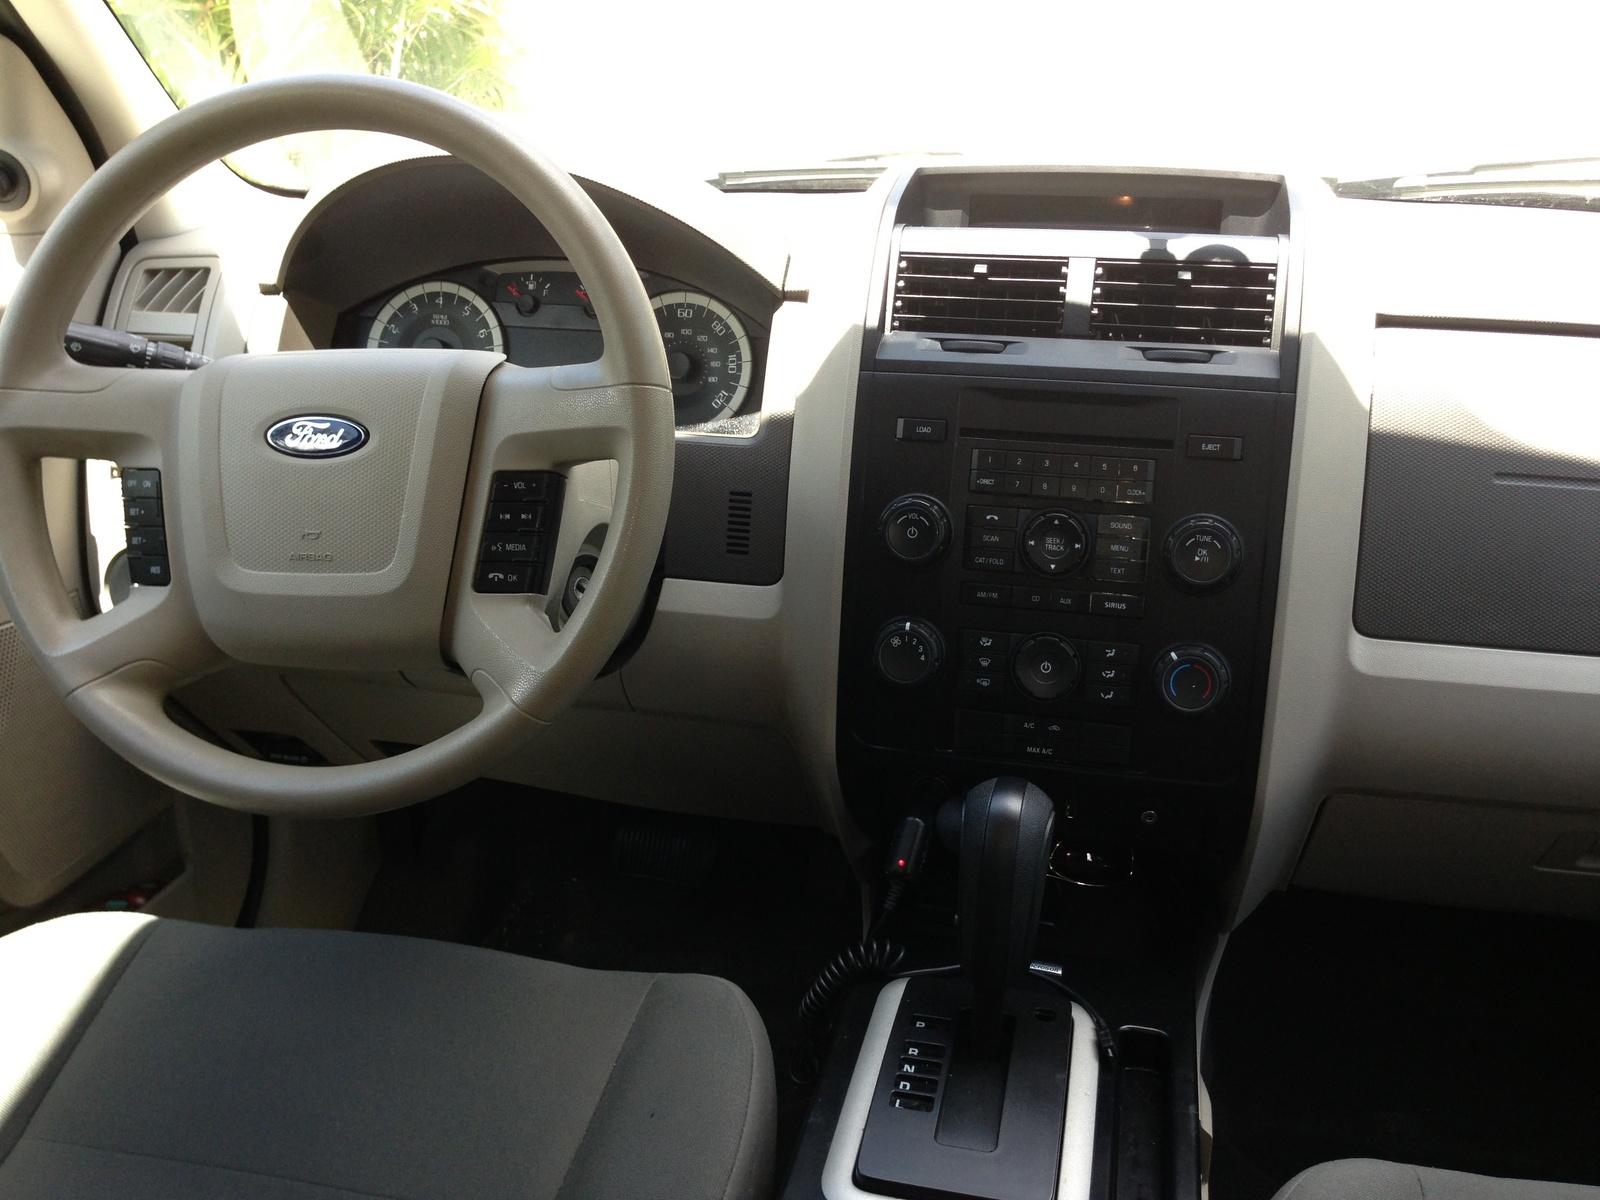 2011 Ford Escape Interior Pictures Cargurus